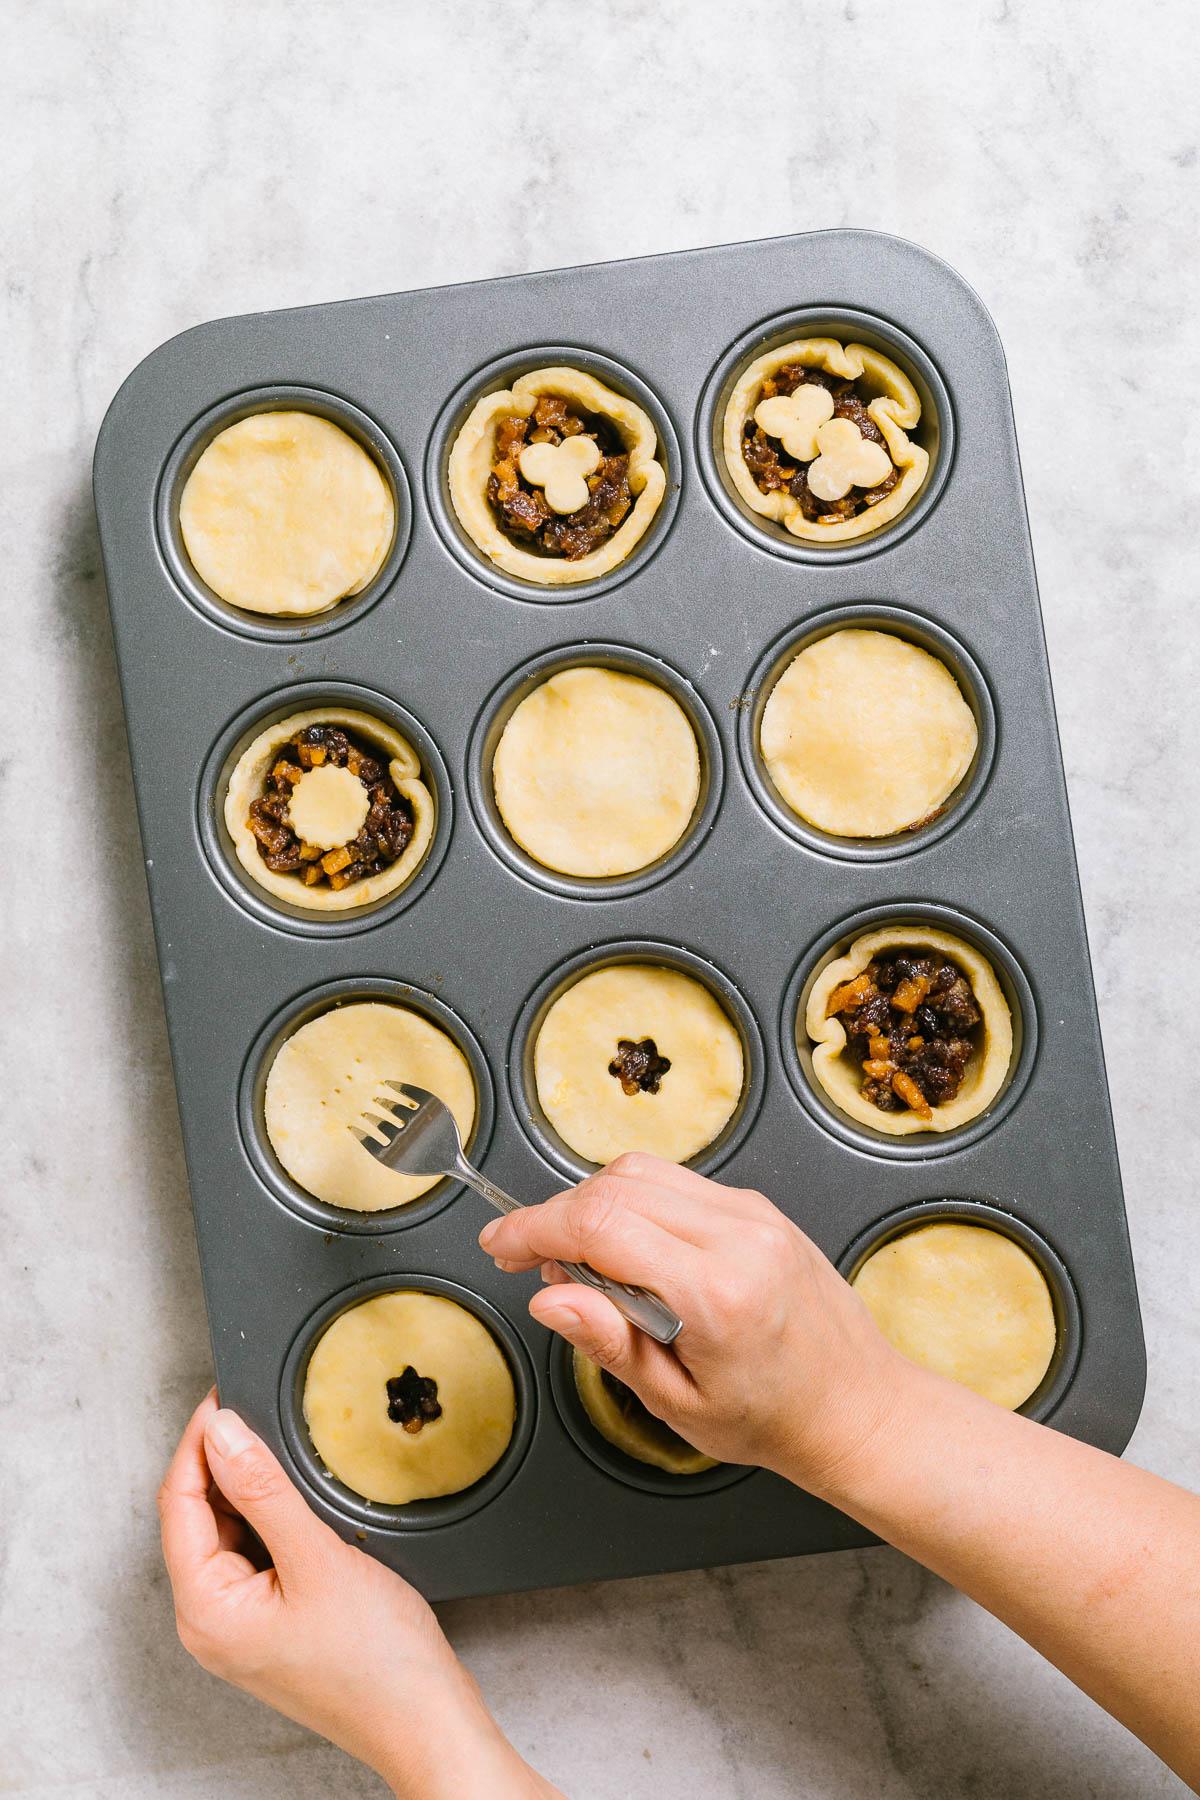 Poking holes in tart casings.